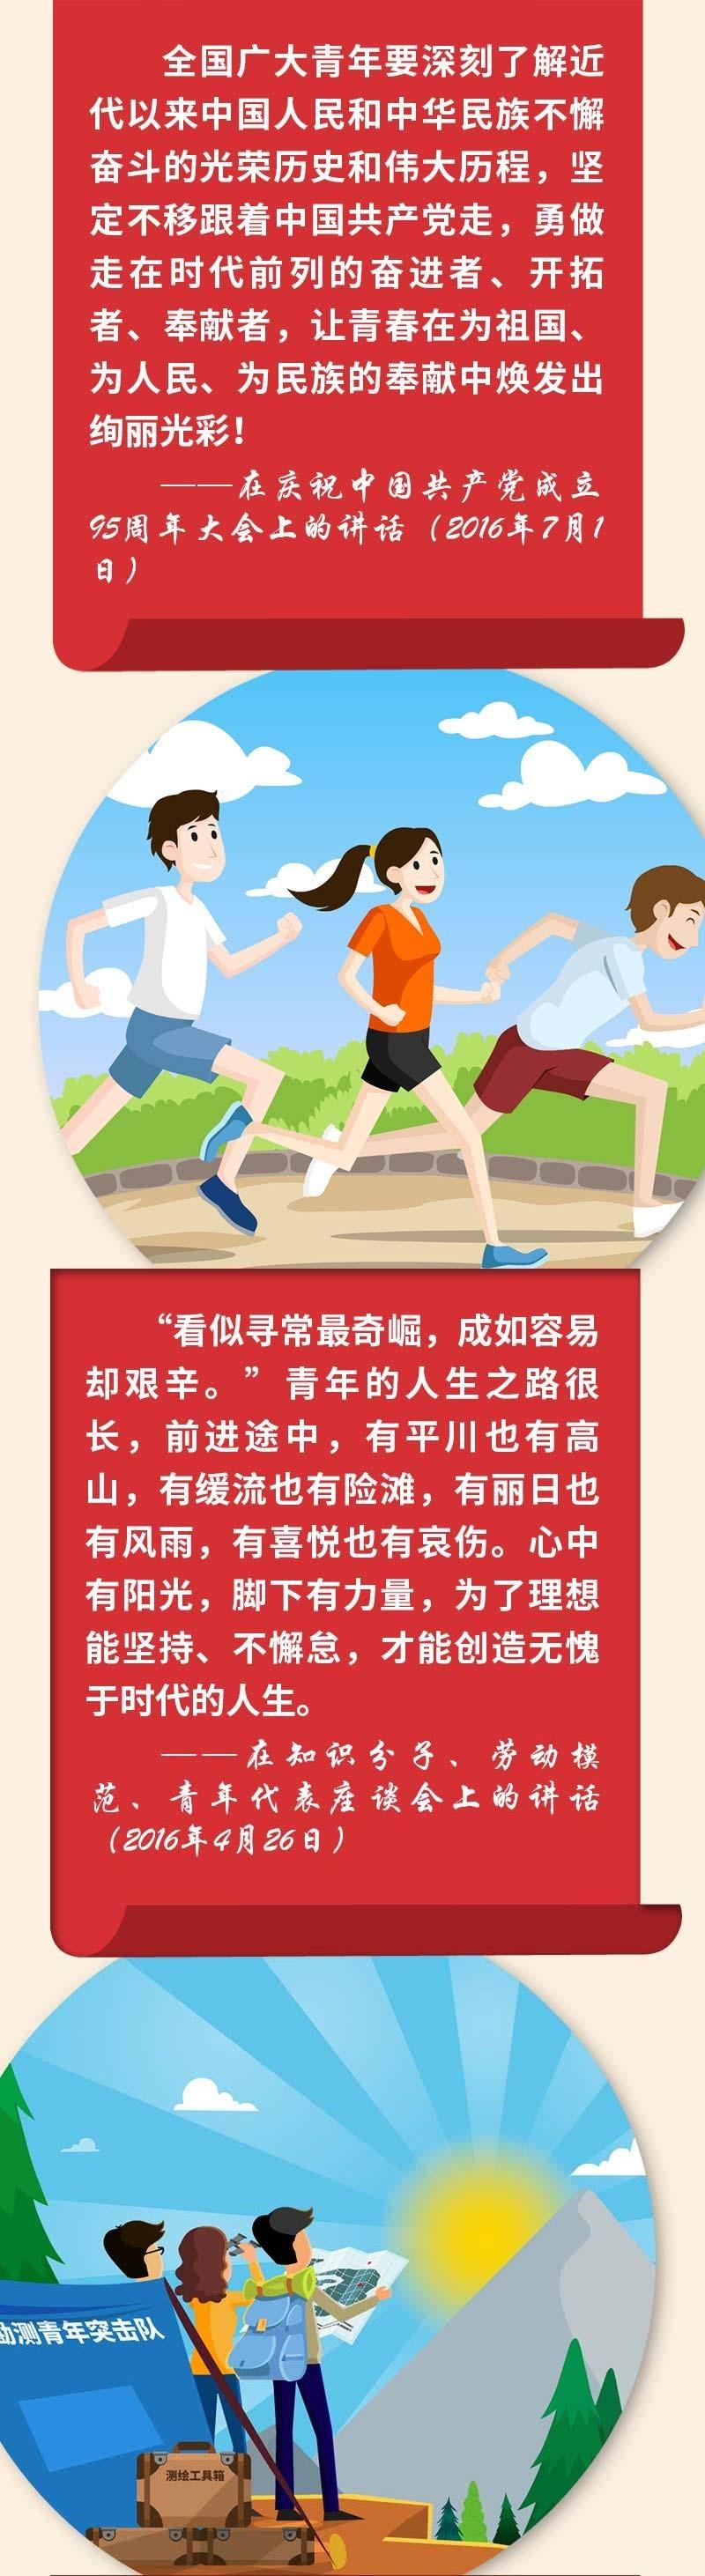 """听习近平总书记这些年讲给青年的知心话丨""""五四""""长图"""